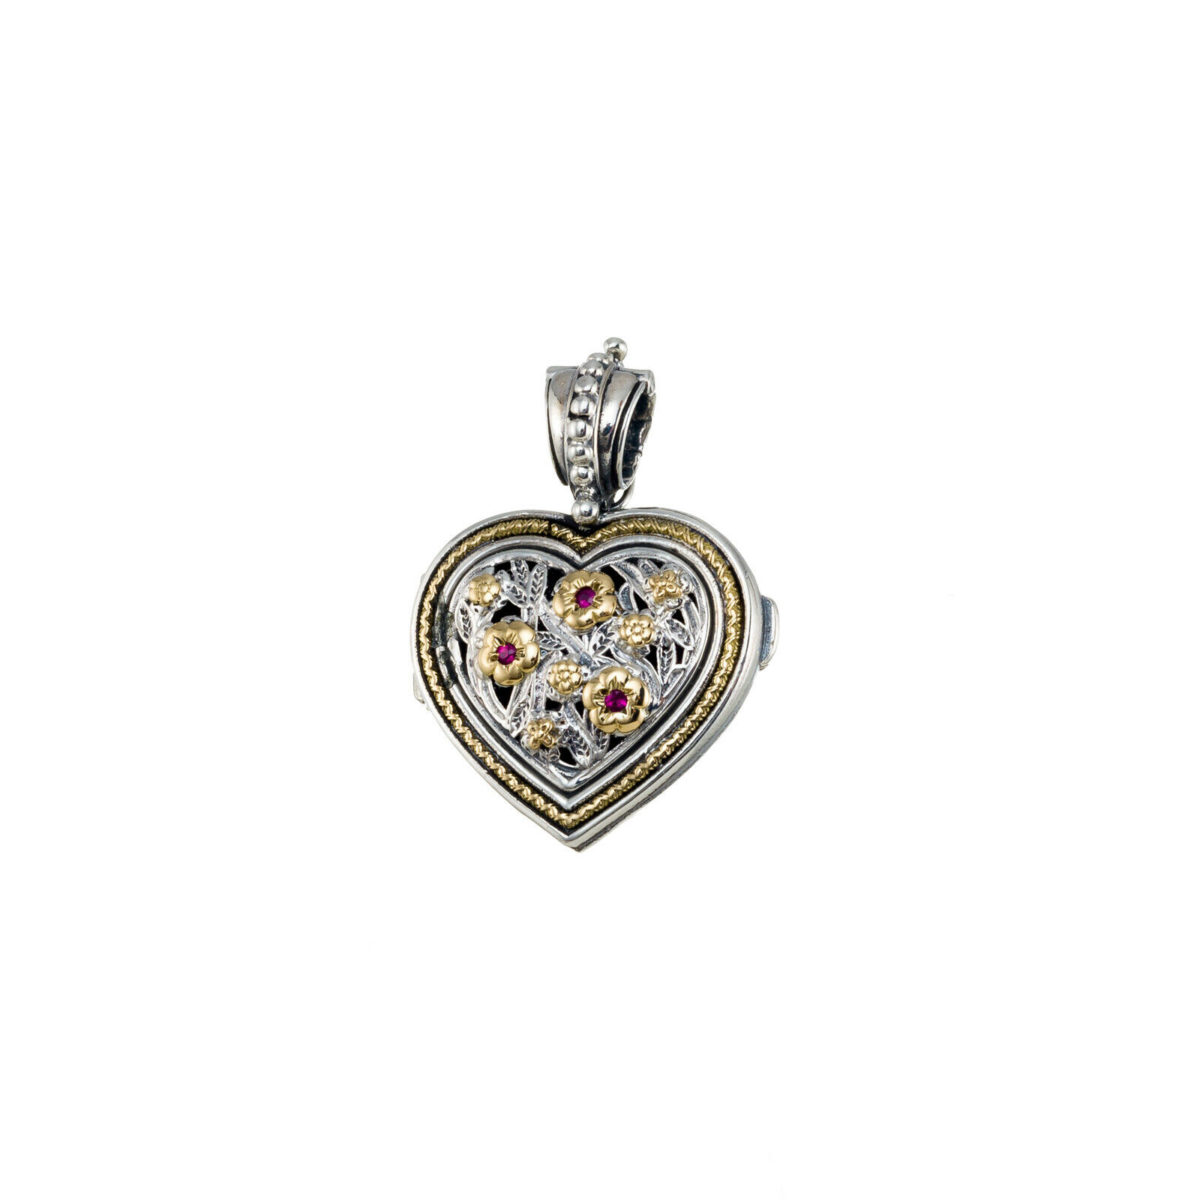 Ιδιαίτερο μενταγιόν-θήκη για φωτογραφίες σε σχήμα καρδιάς